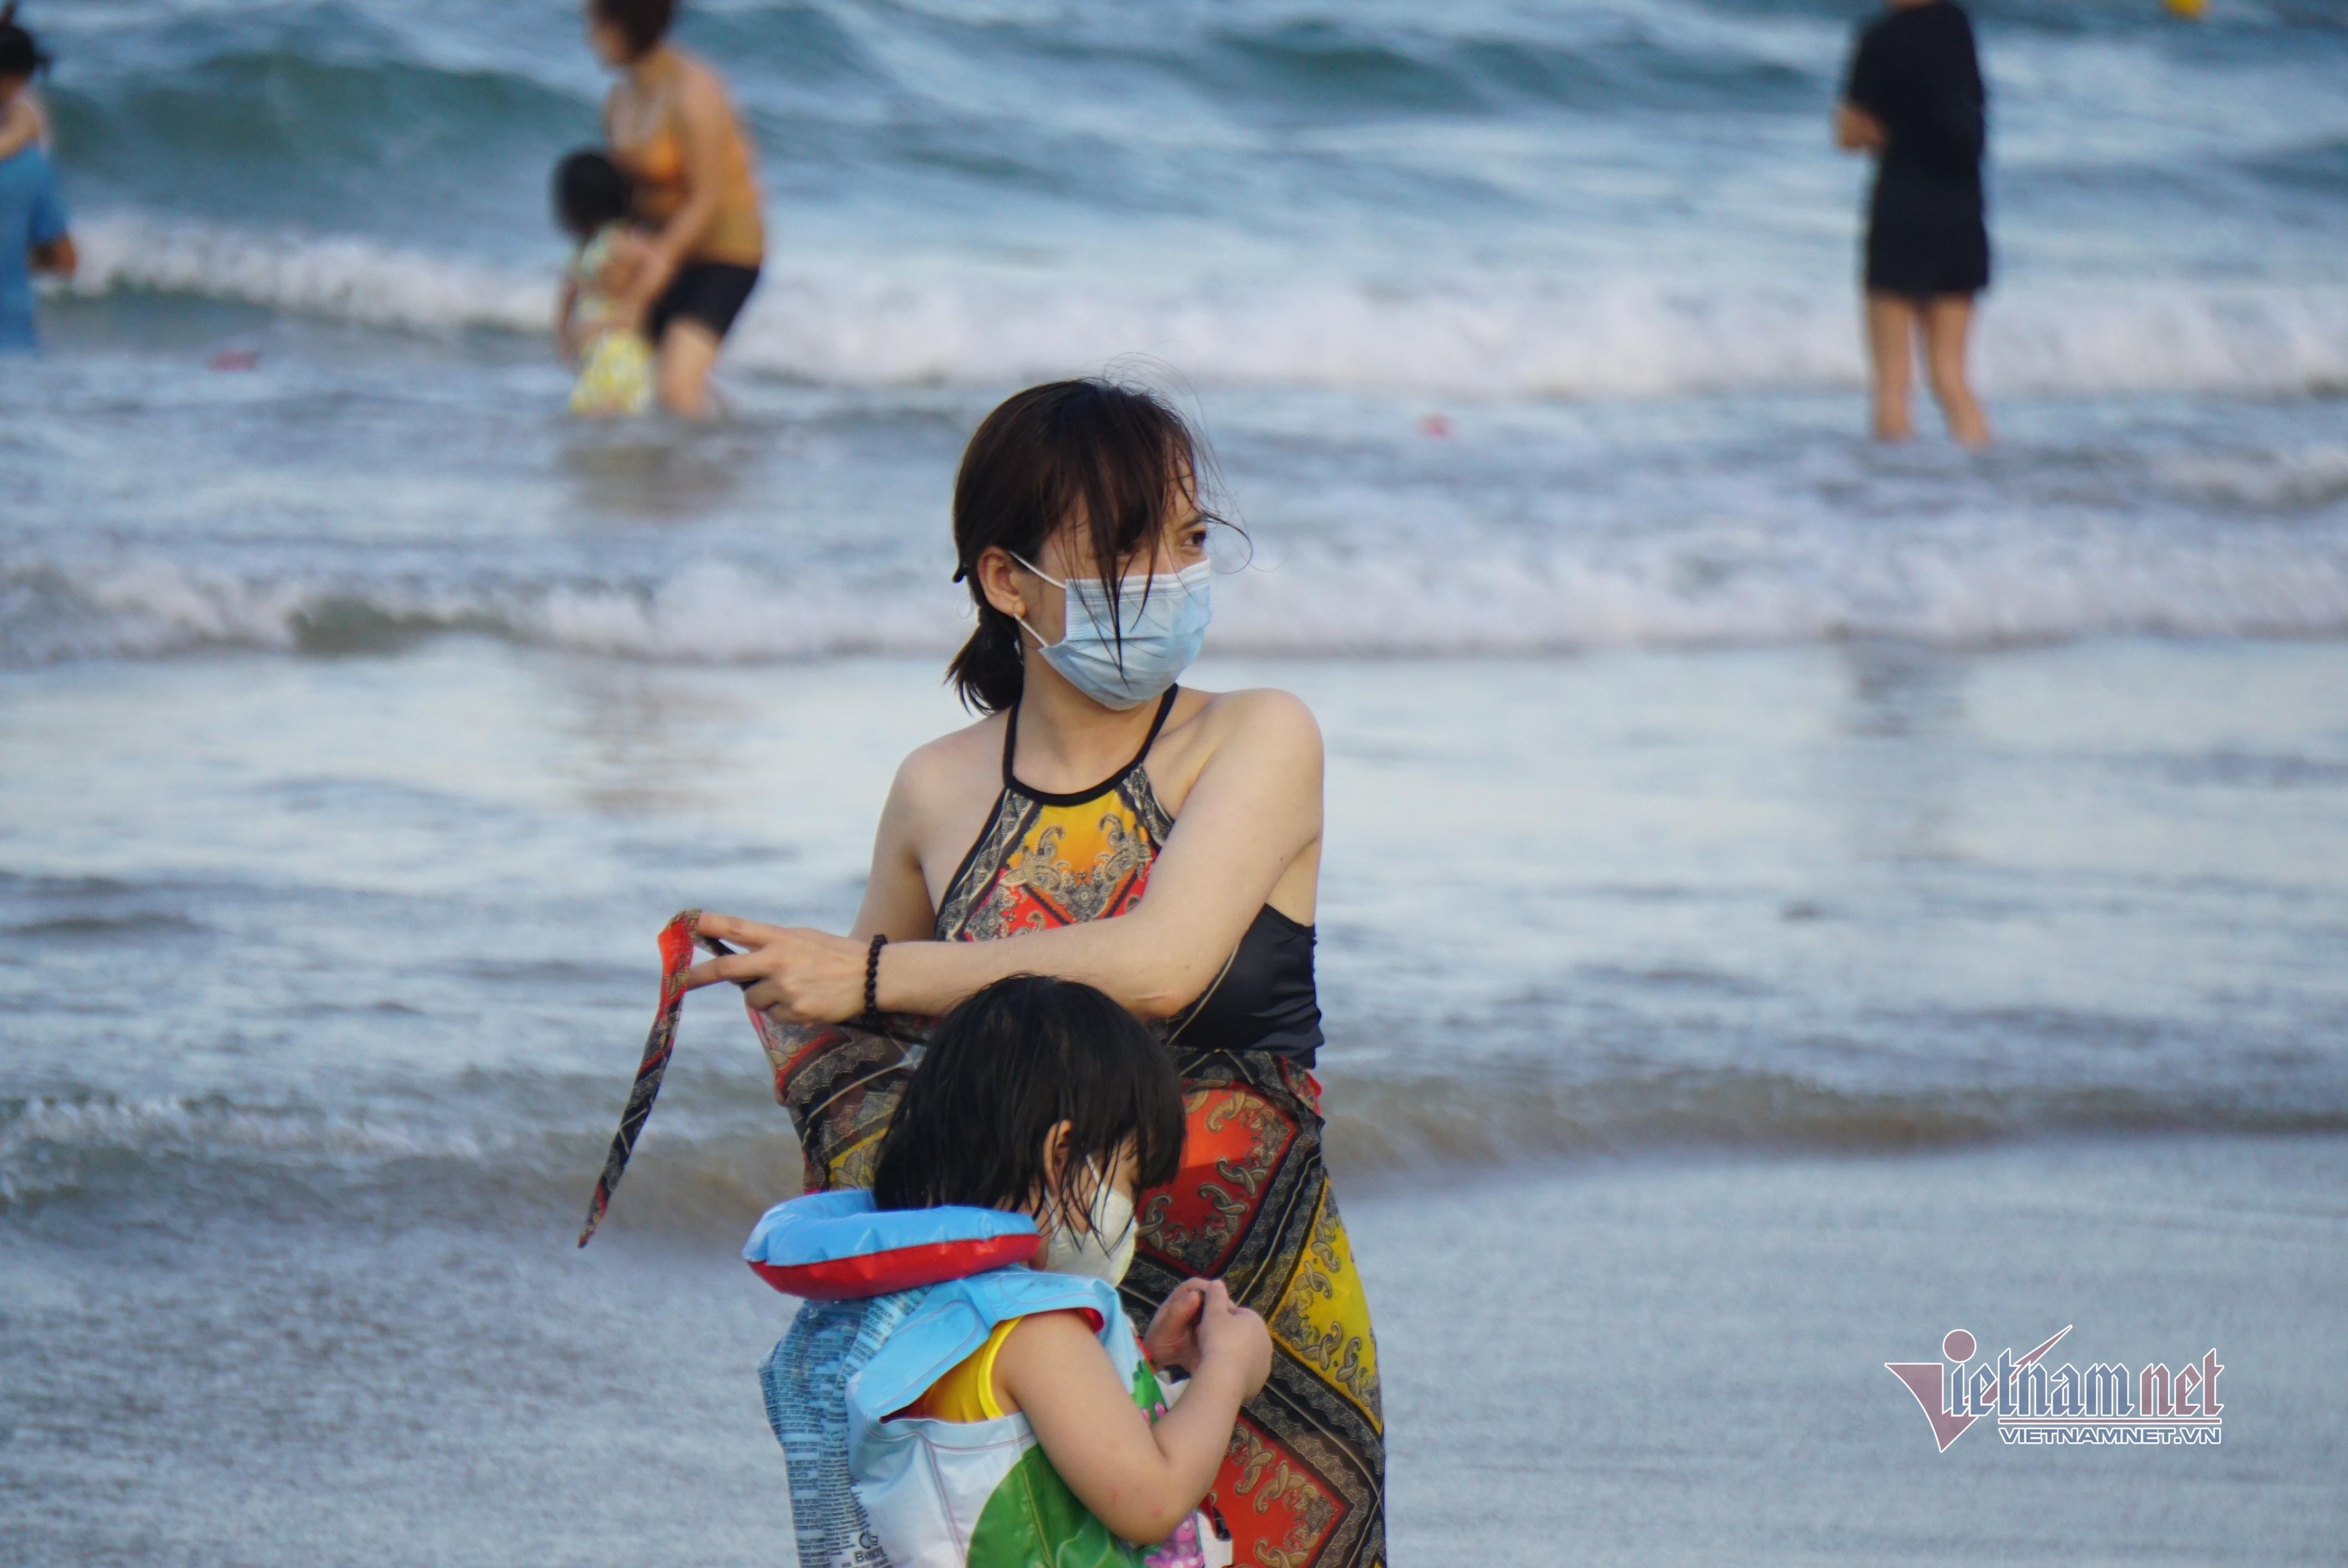 Từ 0h ngày 4/5, Đà Nẵng dừng tắm biển, khuyến khích bán hàng qua mạng